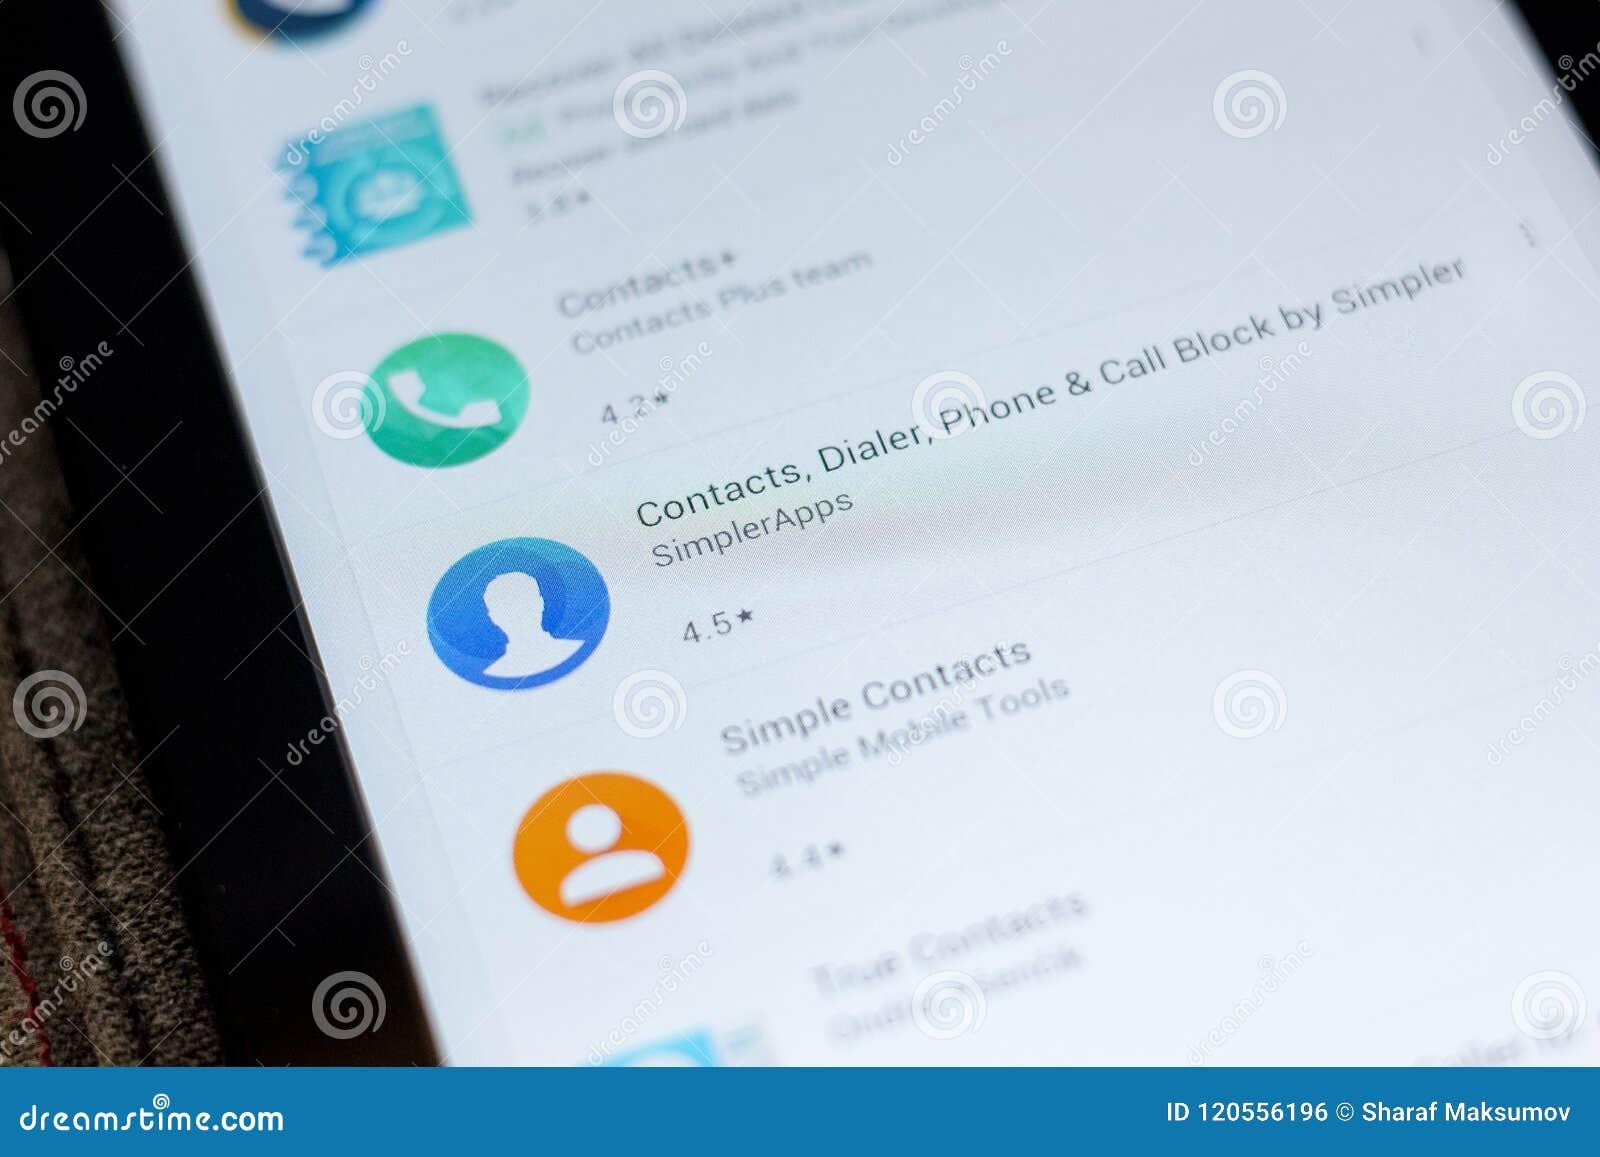 Riazan, Russie - 3 juillet 2018 : Les contacts, l appeleur, le téléphone et l appel bloquent l icône dans la liste d apps mobiles